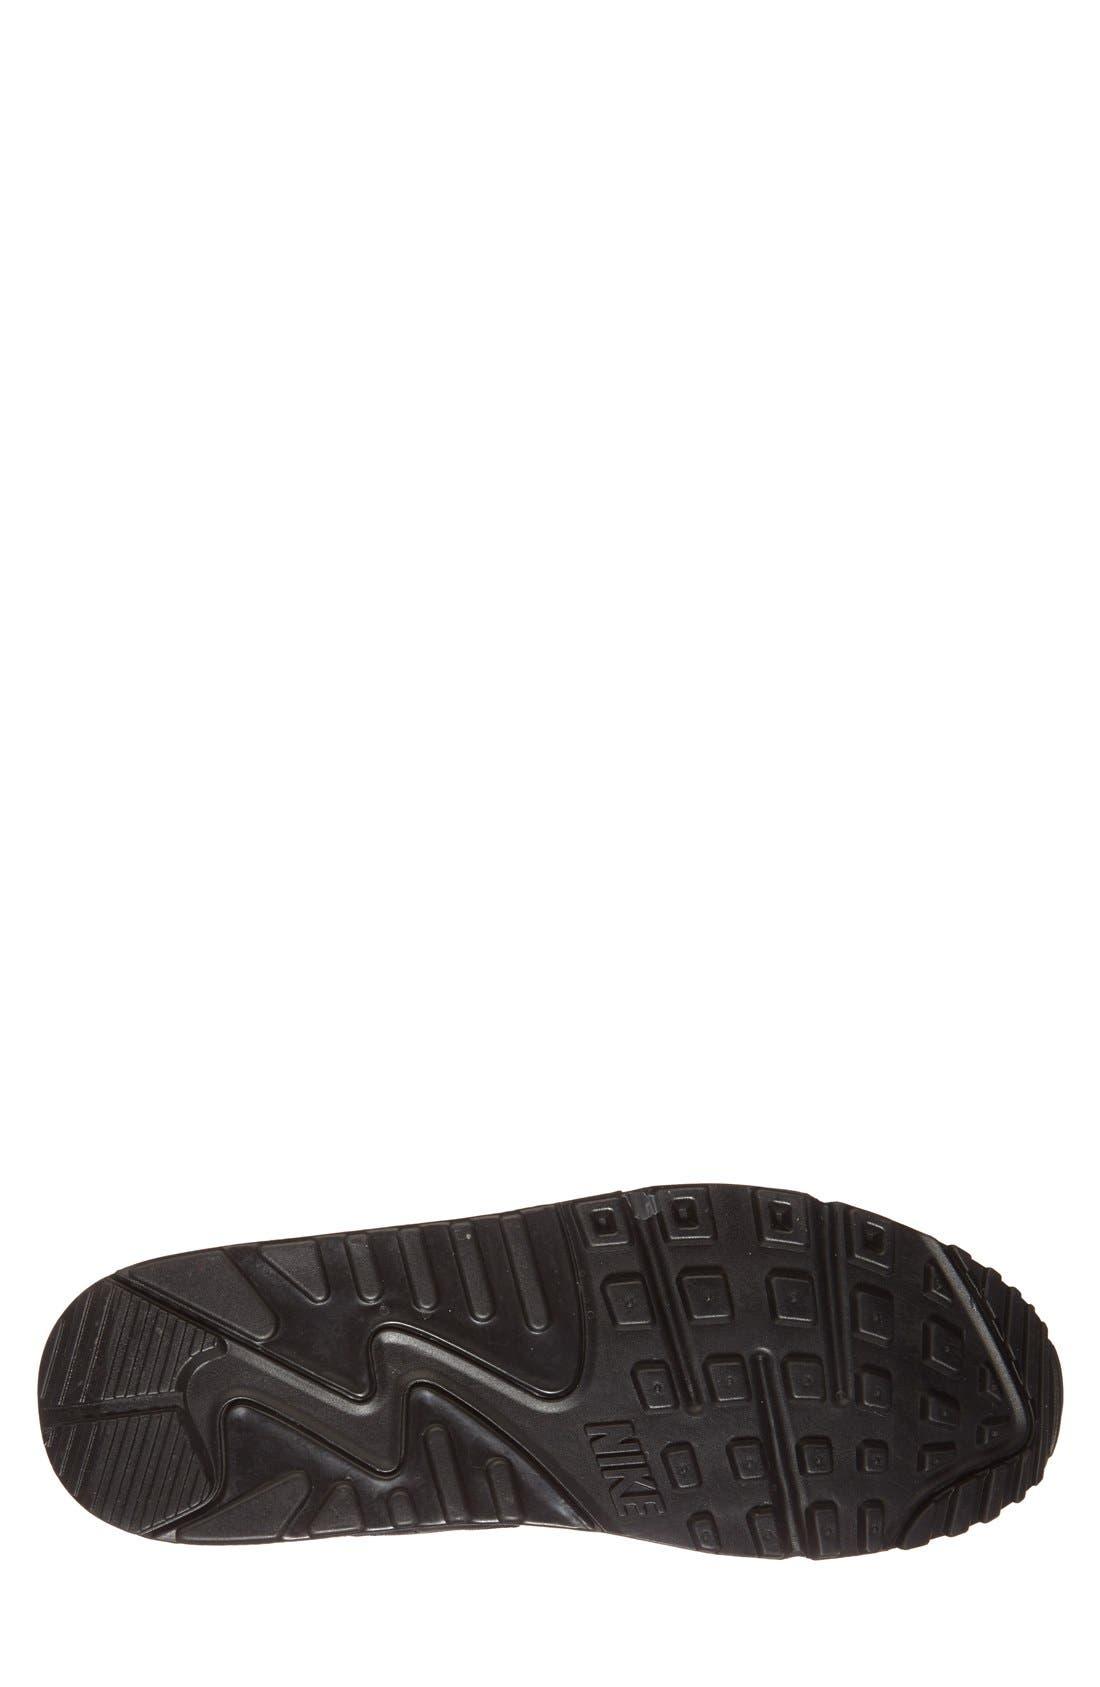 Alternate Image 4  - Nike 'Air Max 90' Leather Sneaker (Men)